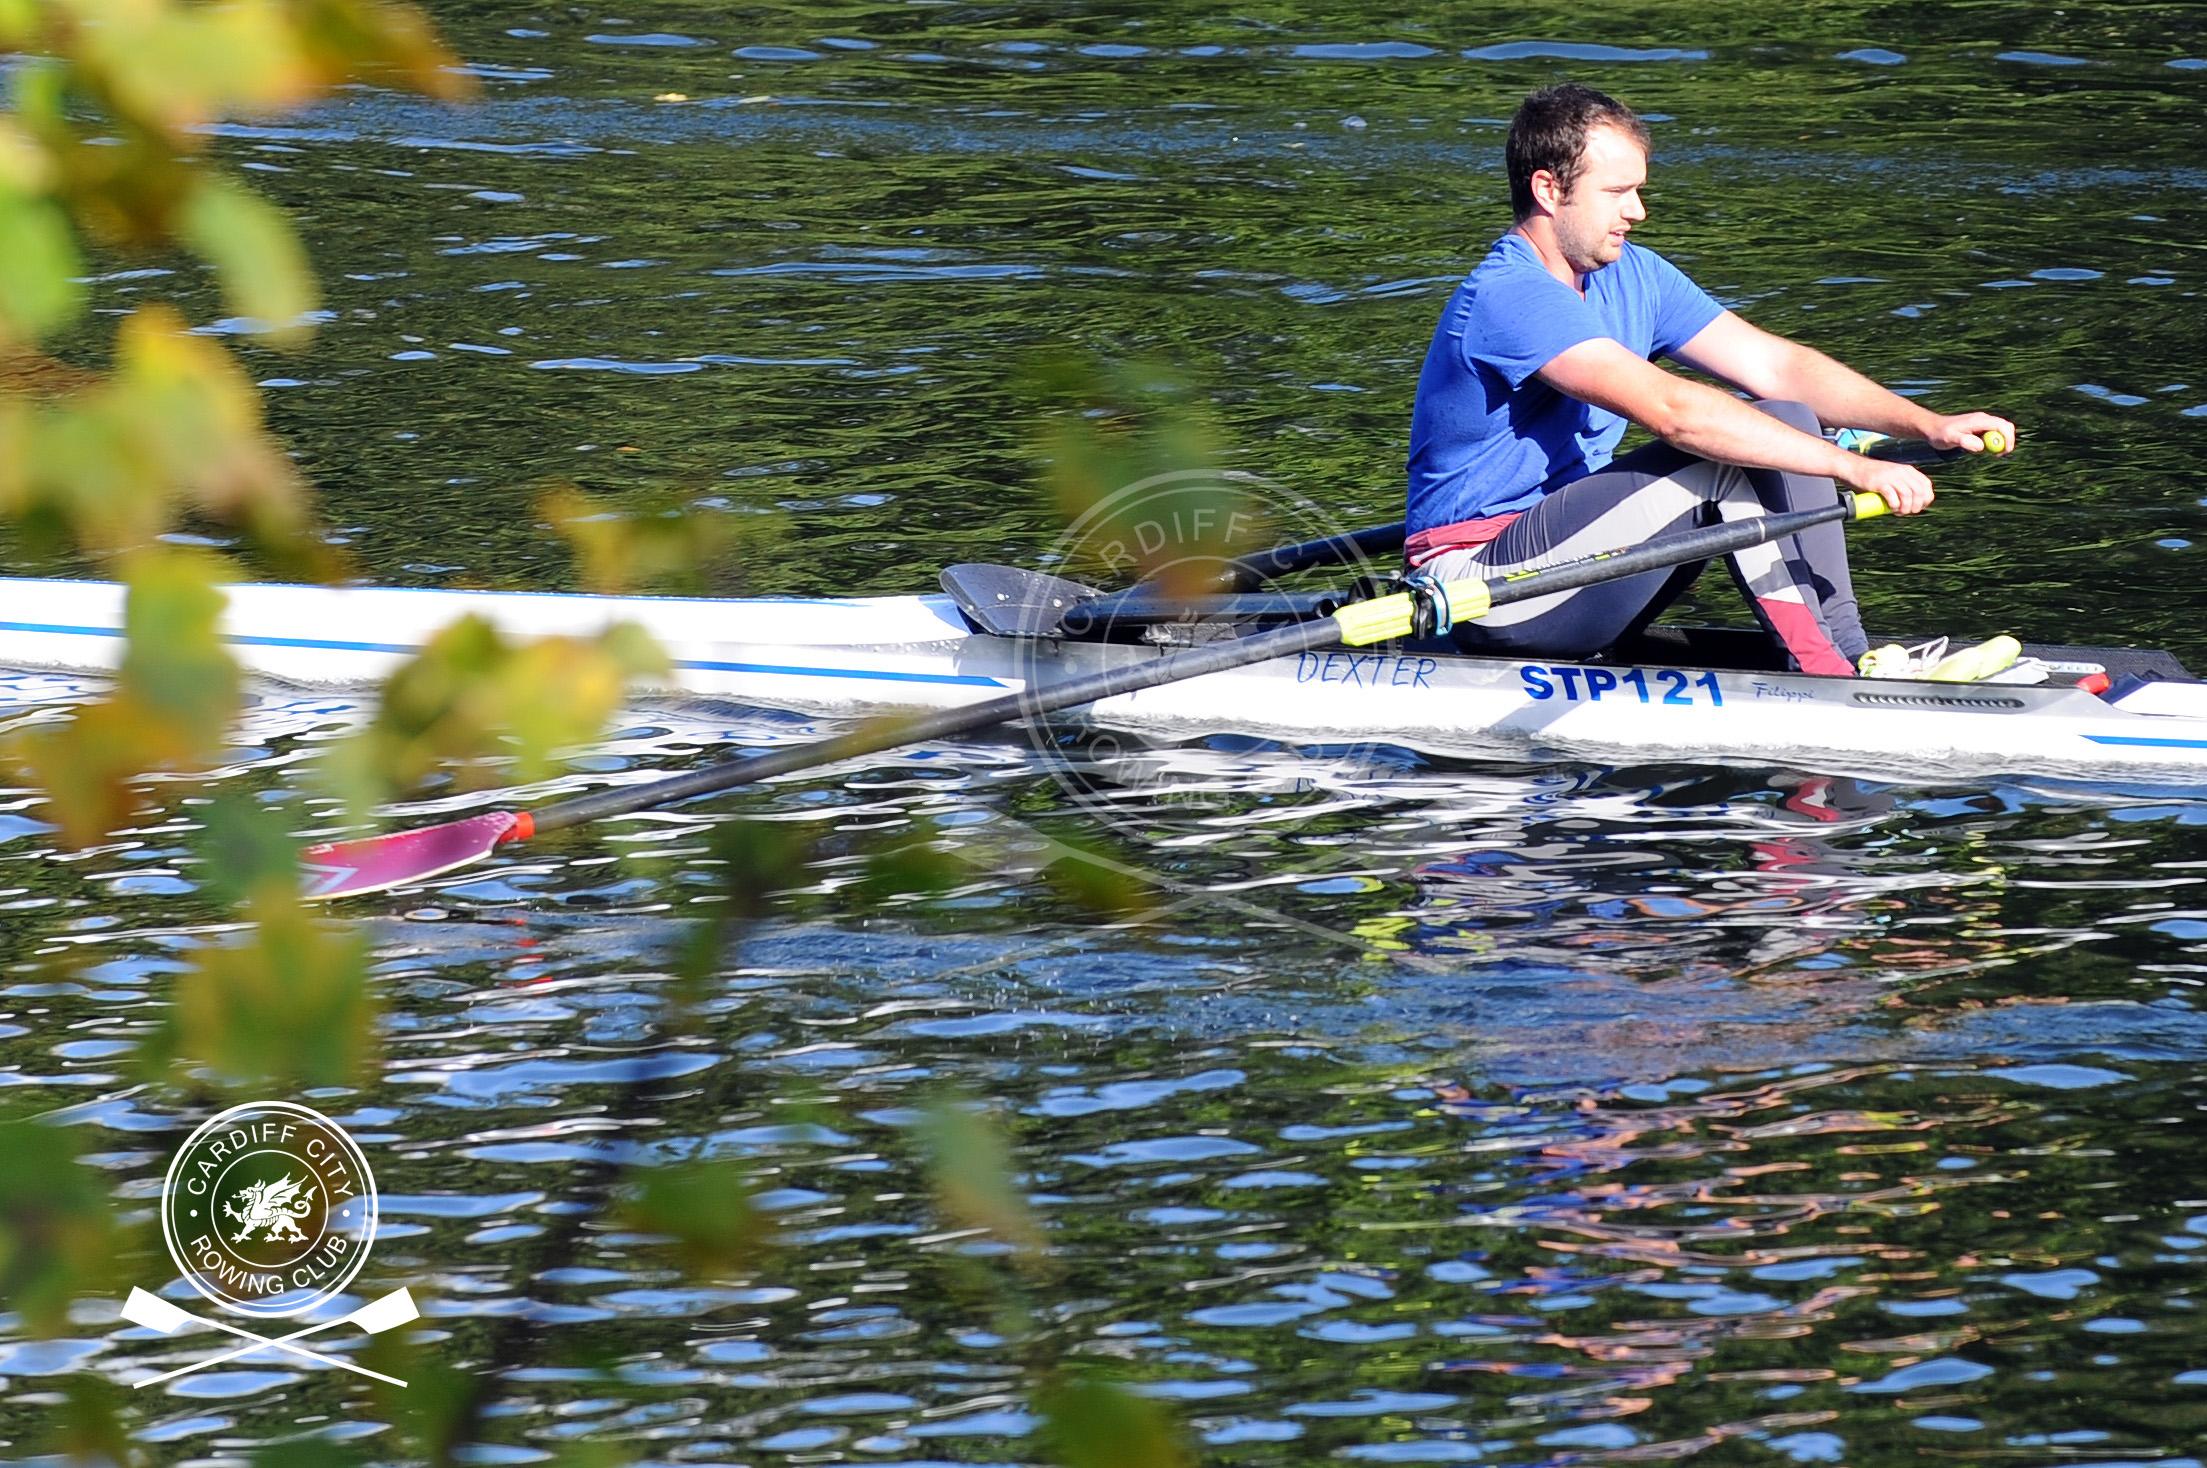 Cardiff_City_Head_Race_170.jpg